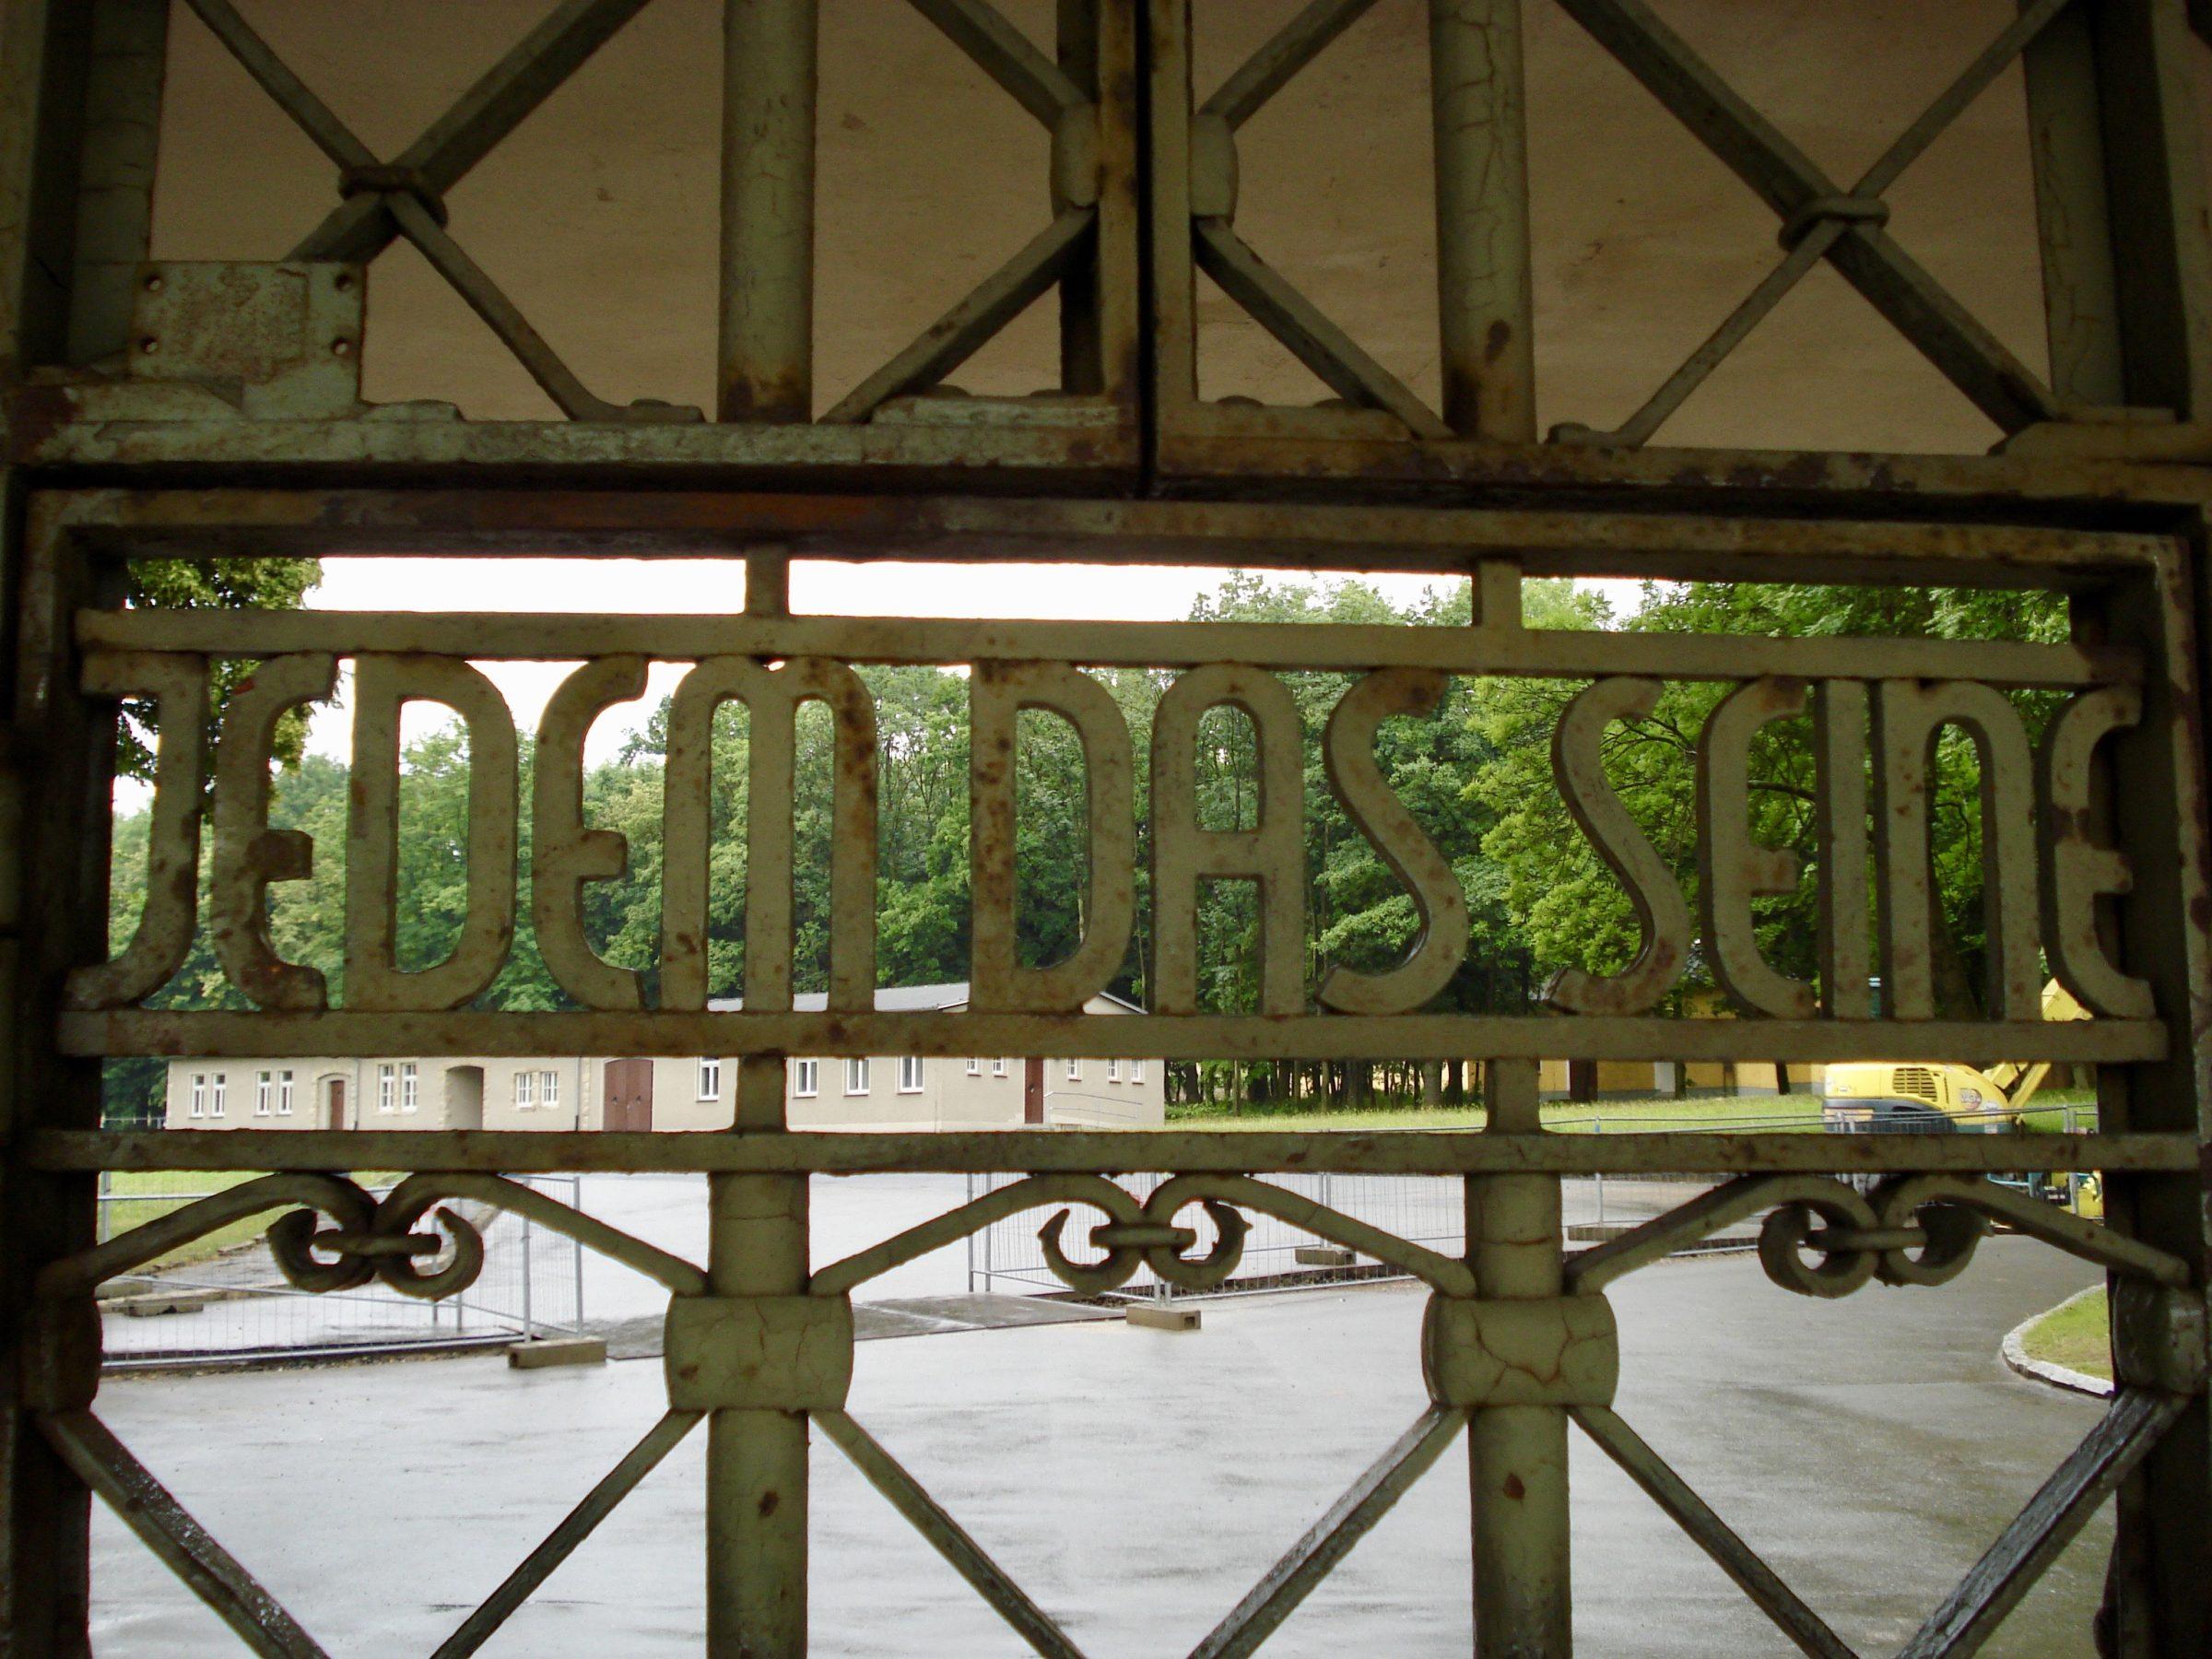 Het toegangshek tot Buchenwald met de tekst Jedem das Seine